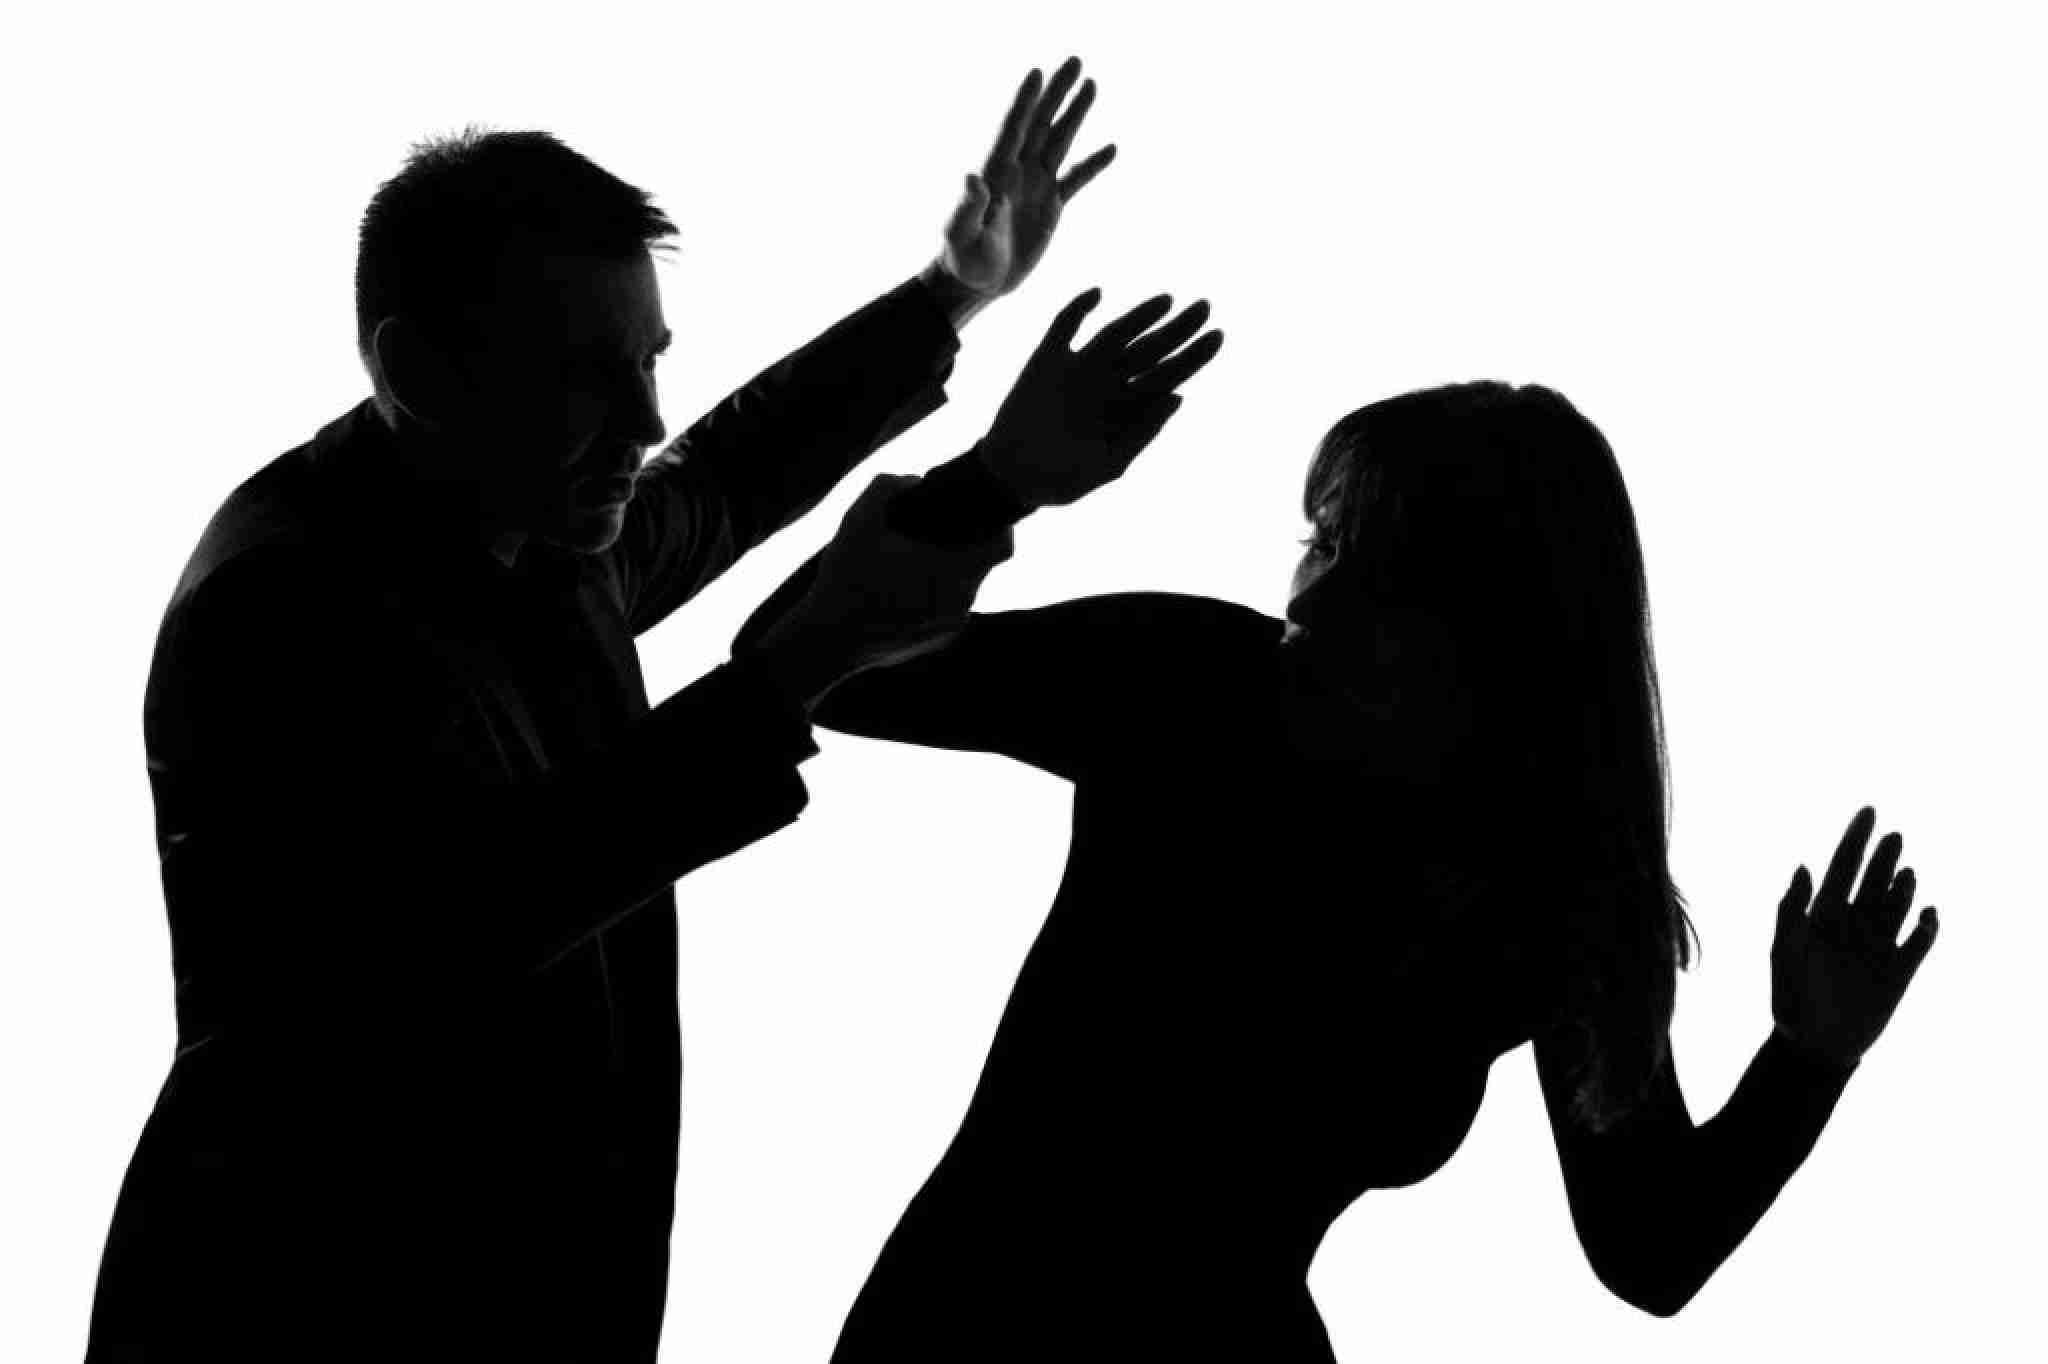 Бытовое насилие в Казахстане: власти заявили об ухудшении ситуации